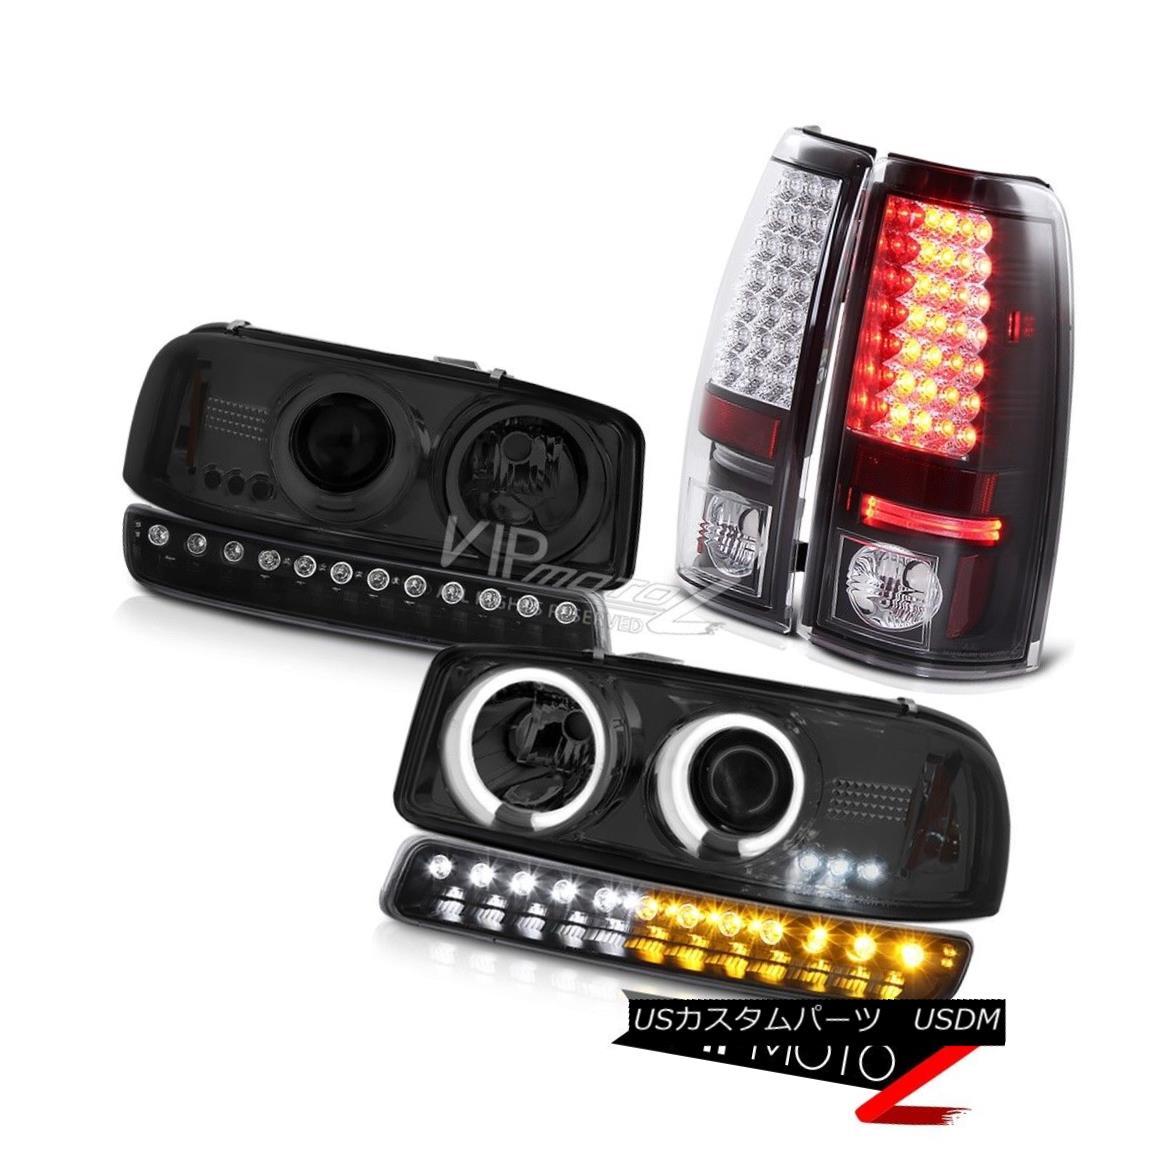 ヘッドライト 99-06 Sierra SLT Taillights parking light smoked ccfl headlights